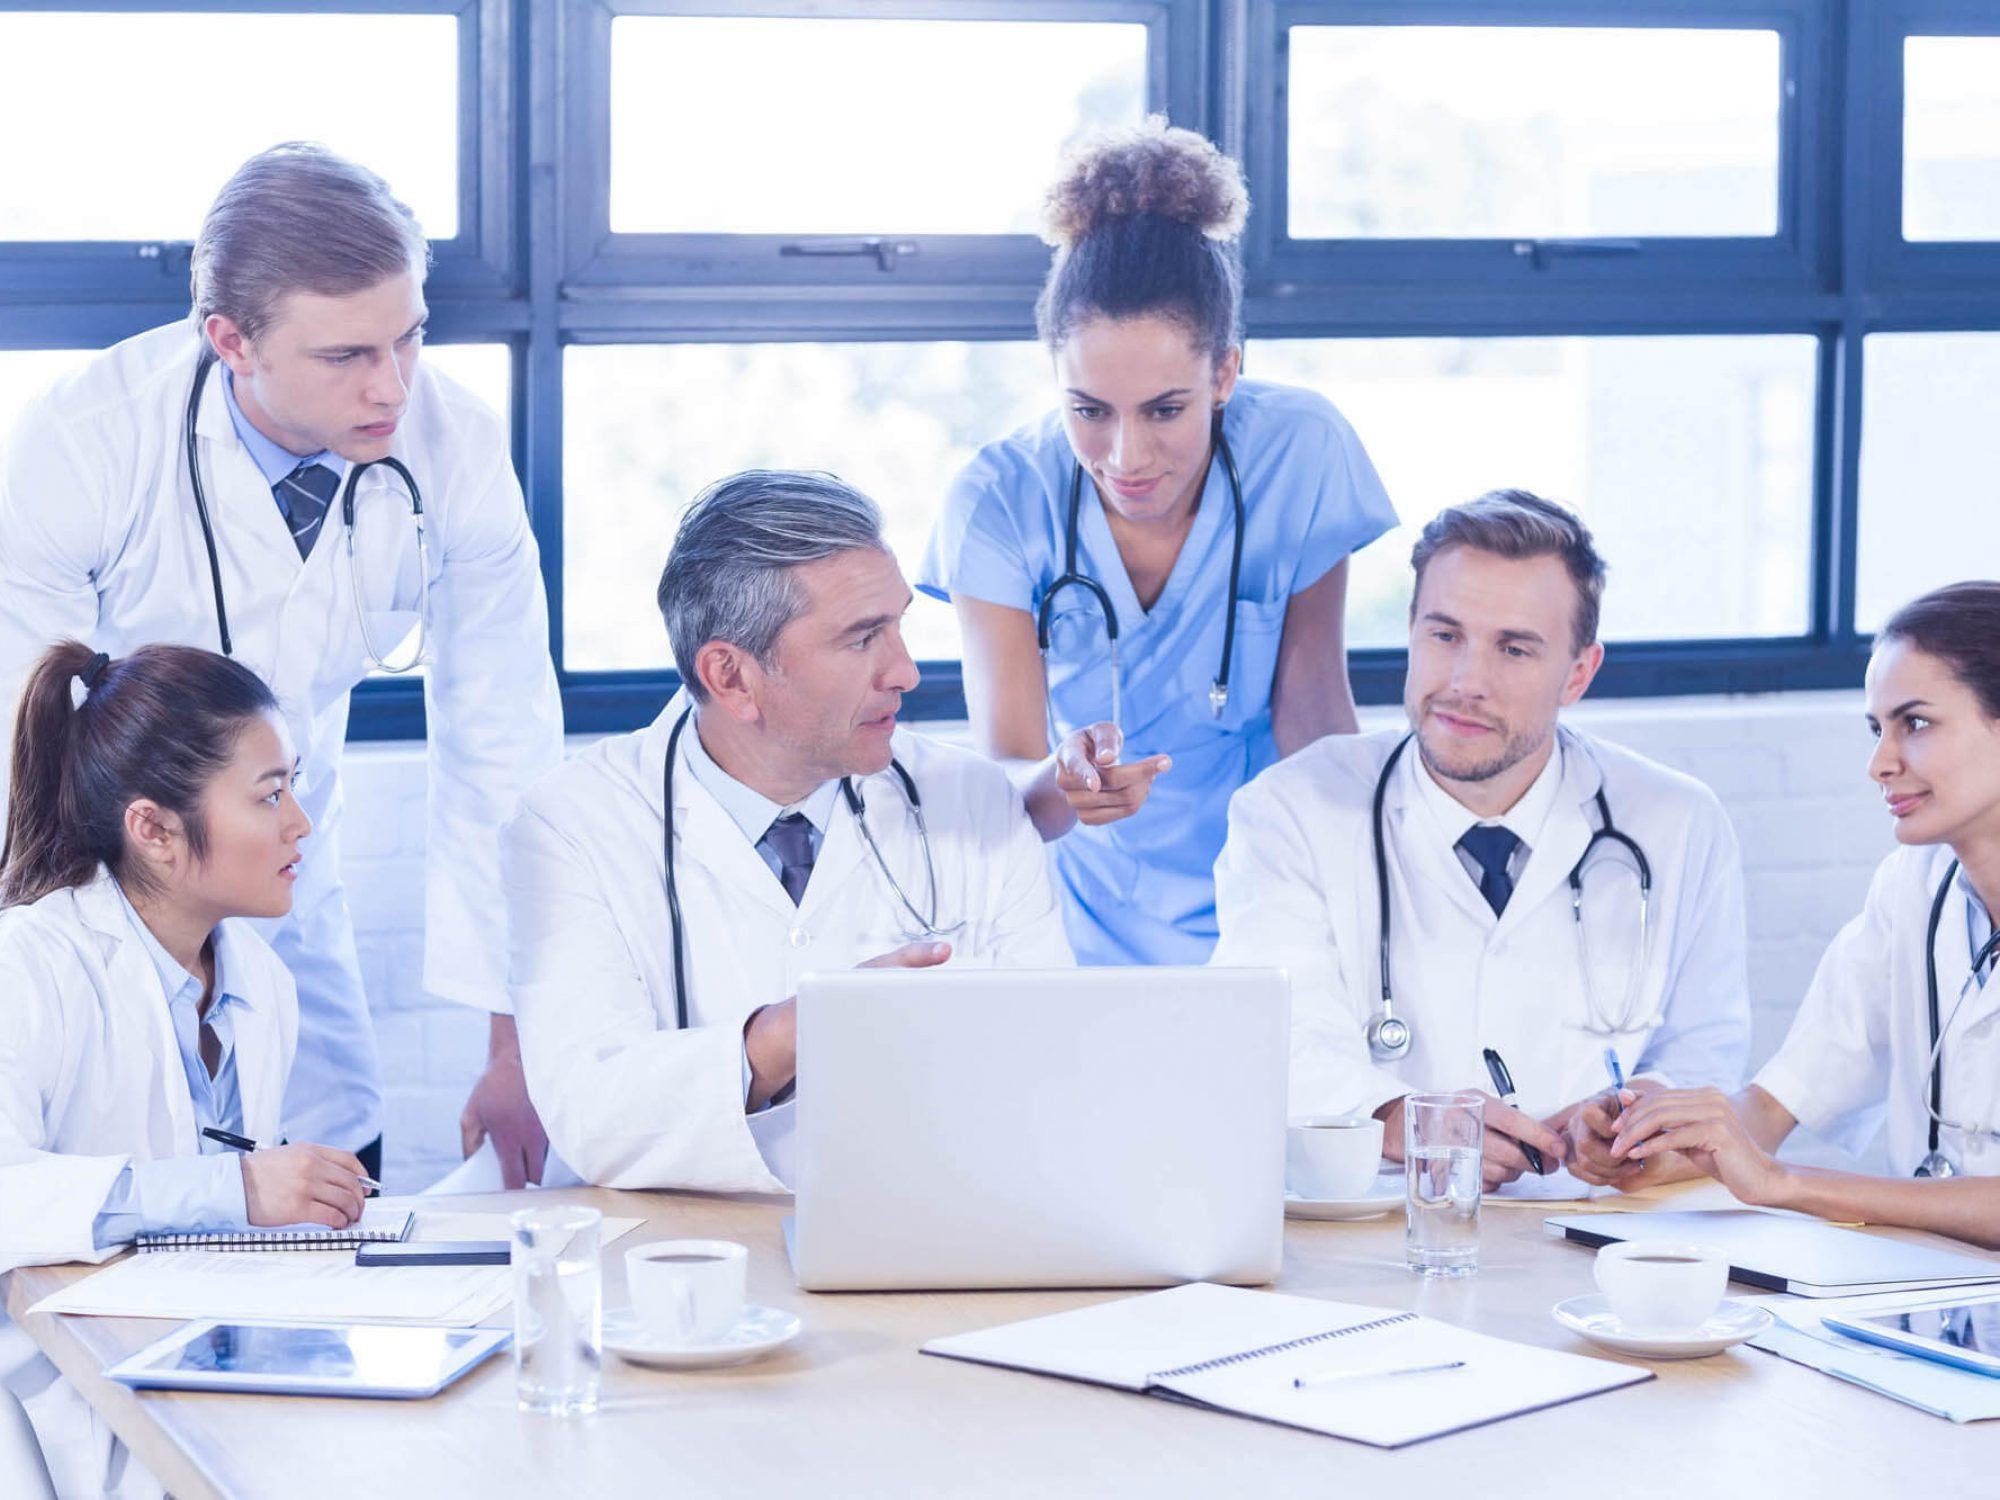 ועדה לאישור ניתוח בריאטרי